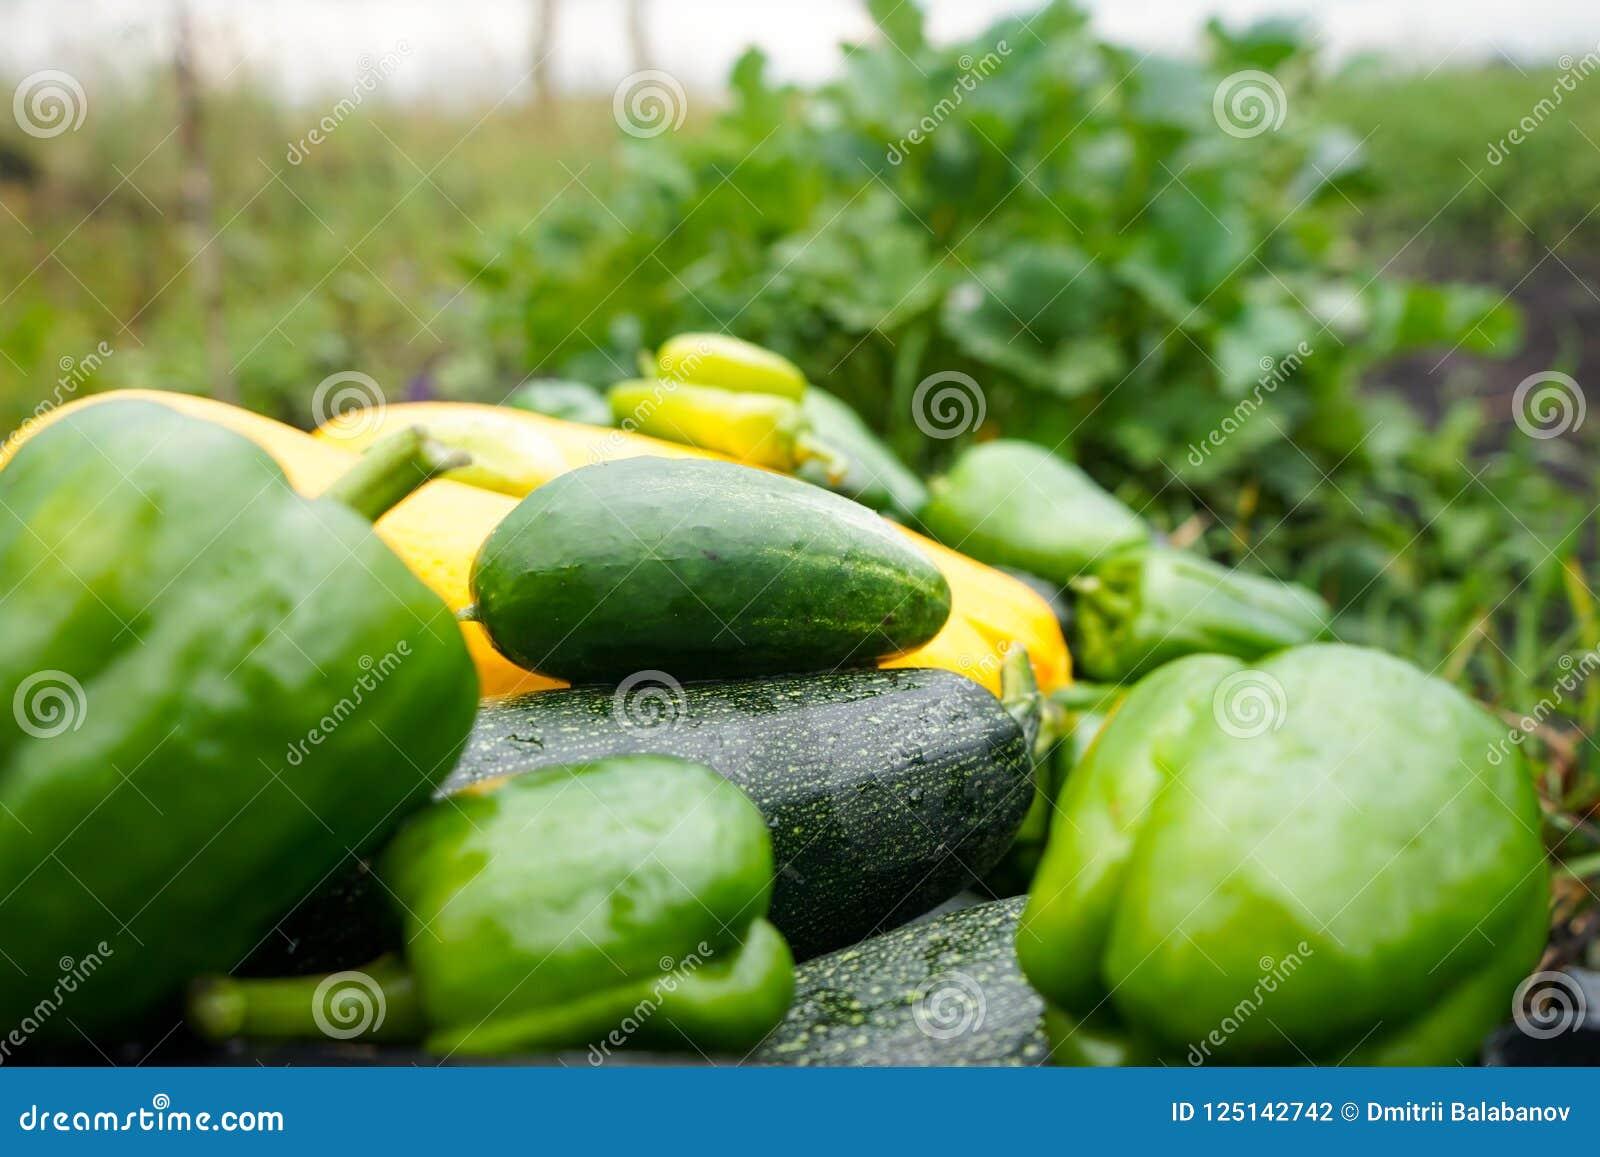 Veggie masturbation corn cucumber zucchini pictures